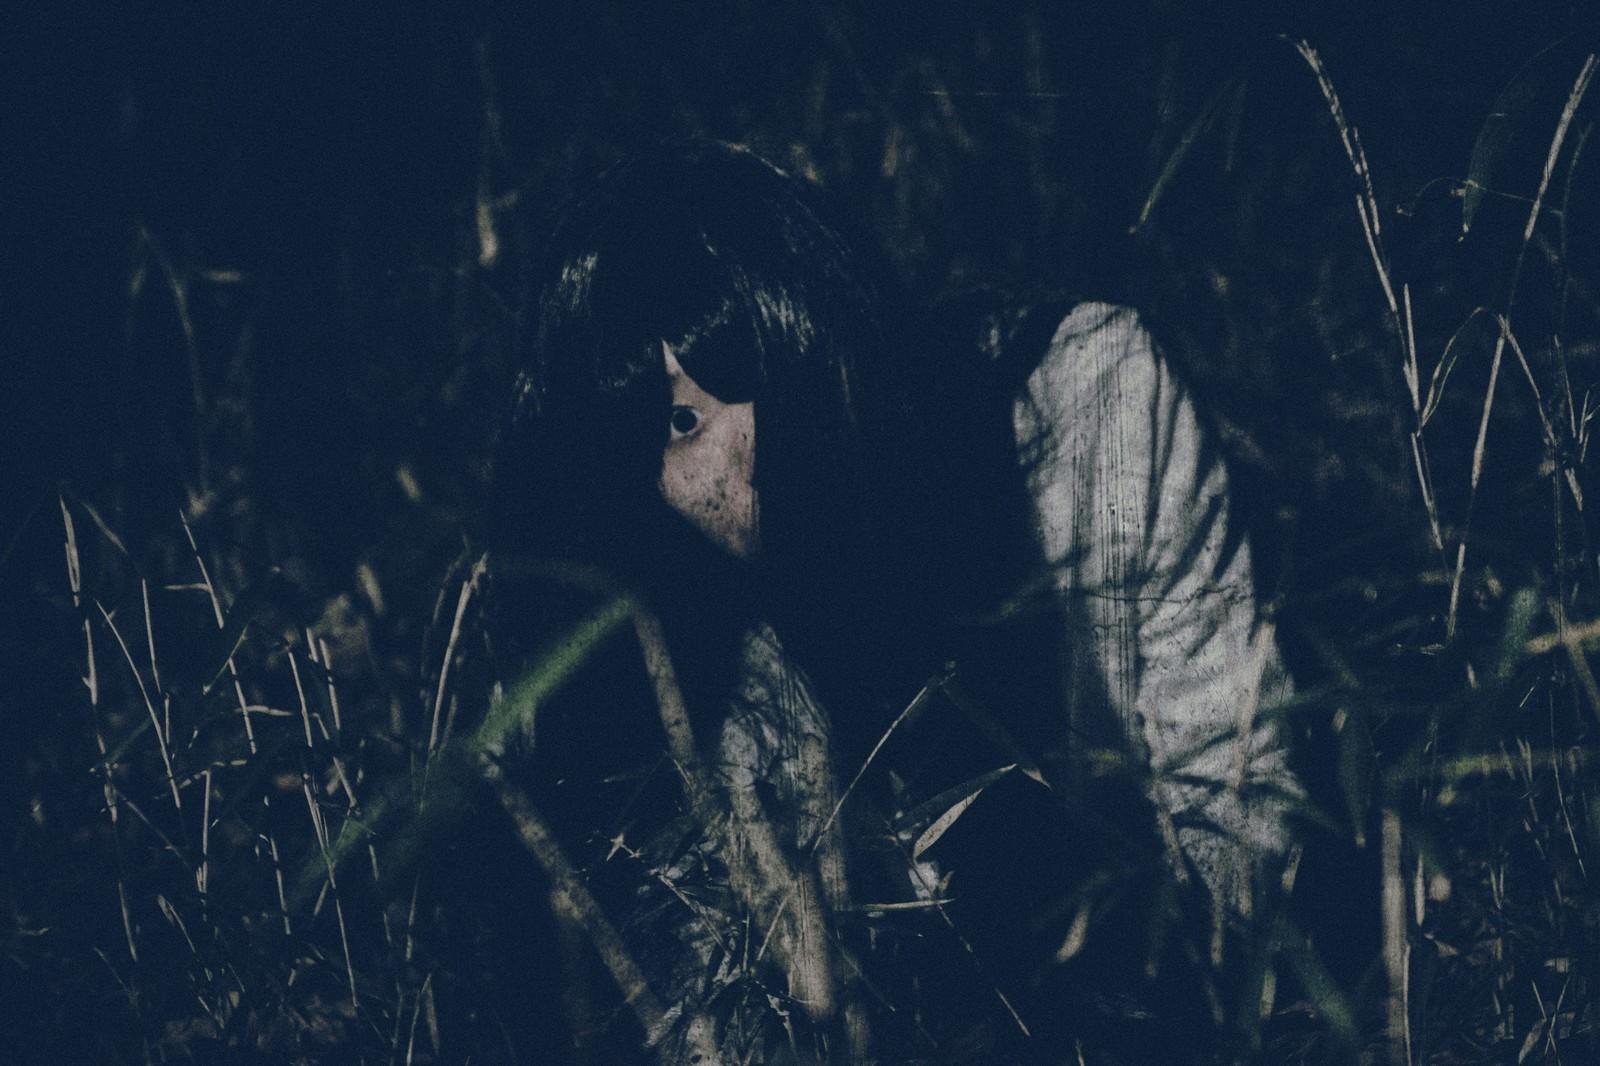 「[恐怖]草むらを這う髪の長い女性」の写真[モデル:緋真煉]